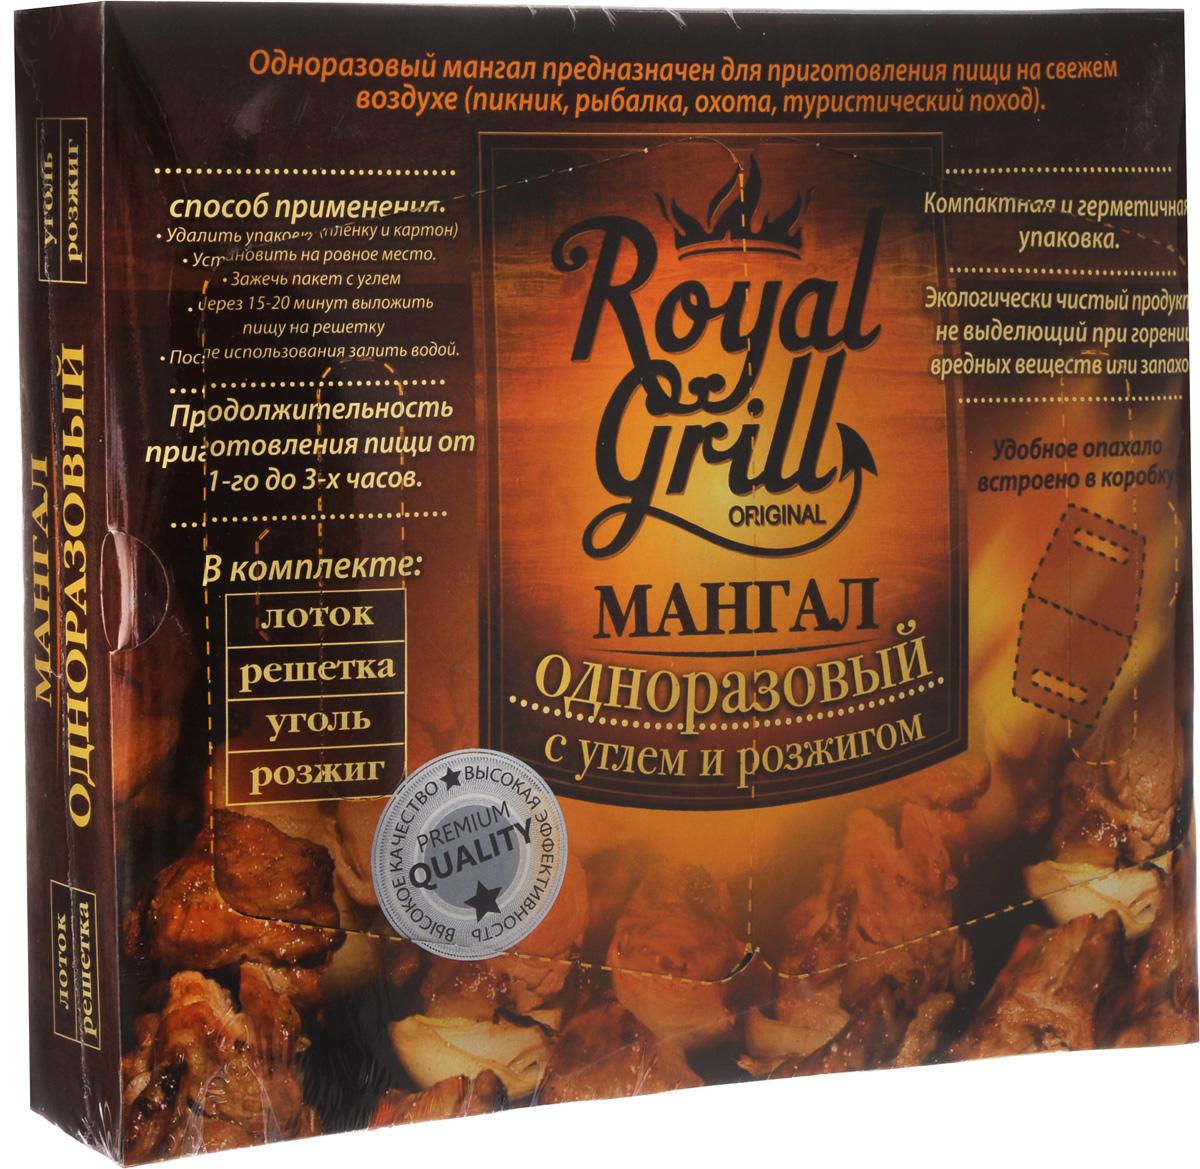 Мангал одноразовый RoyalGrill, с углем и розжигом80-038Одноразовый мангал RoyalGrill выполнен из металла. Внутри мангала расположены брикеты из древесного угля. Сверху расположена металлическая решетка на которую выкладываются продукты. Этот мангал поместится в любой рюкзак или сумку, даже в пакет. В комплекте также имеются розжиг и удобное опахало, встроенное в коробку. Многие обожают выезжать на природу – здоровая атмосфера, чистый воздух, приятная компания, что может быть лучше для полноценного отдыха? Пикник, проводимый на свежем воздухе, оставляет неизгладимое впечатление: все воспринимается ярче и насыщенней. Редкий пикник обходится без приготовления горячих блюд: шашлыков, запеченных продуктов, мяса, рыбы или овощей. Однако для того чтобы приготовить шашлык по всем правилам, очень важно использовать соответствующие приспособления, одним из которых является мангал. Это устройство пользуется большой популярностью сегодня. Представляя собой эффектную установку, мангал является и декоративным ...